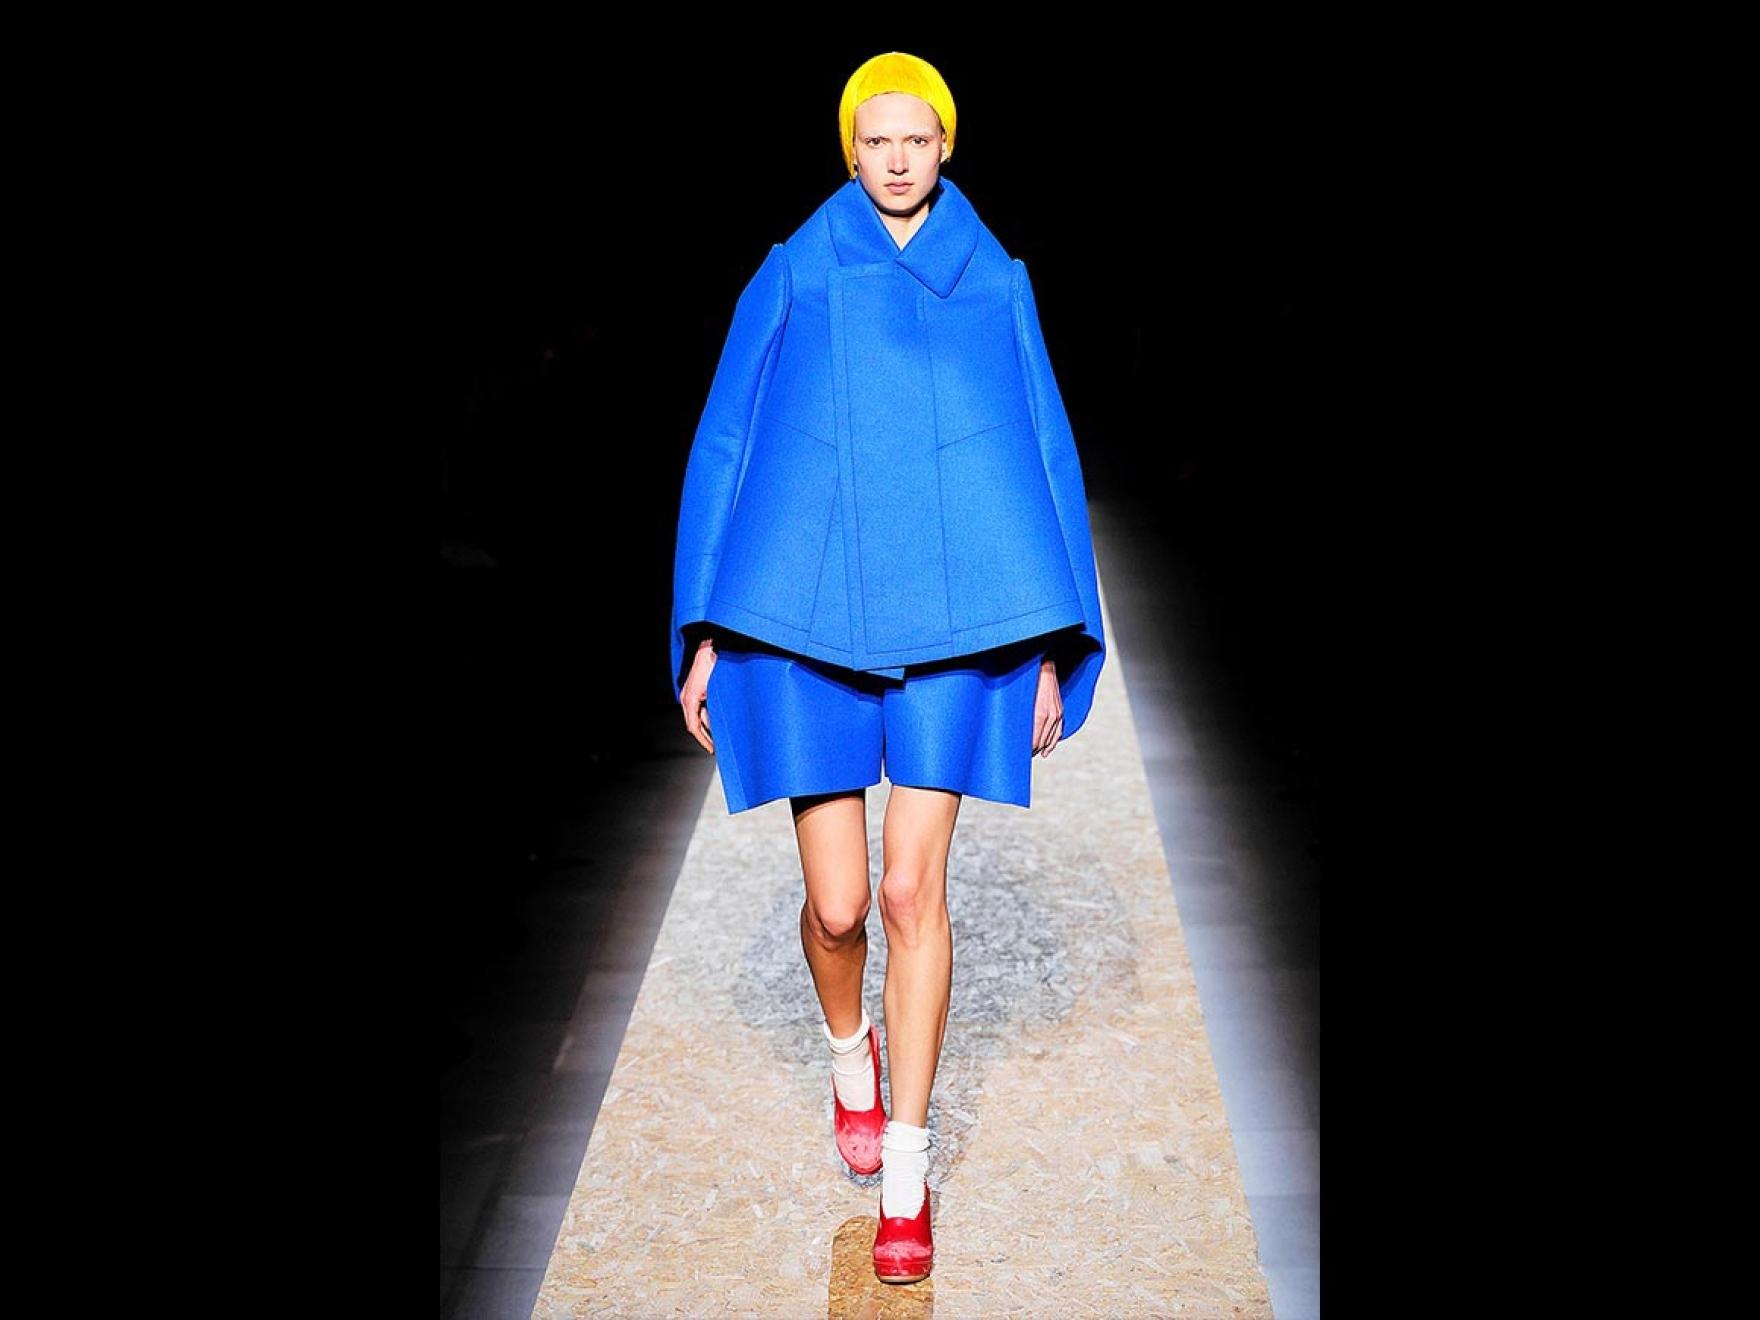 Fashion model wearing large blue jacket and shorts, walking on runway